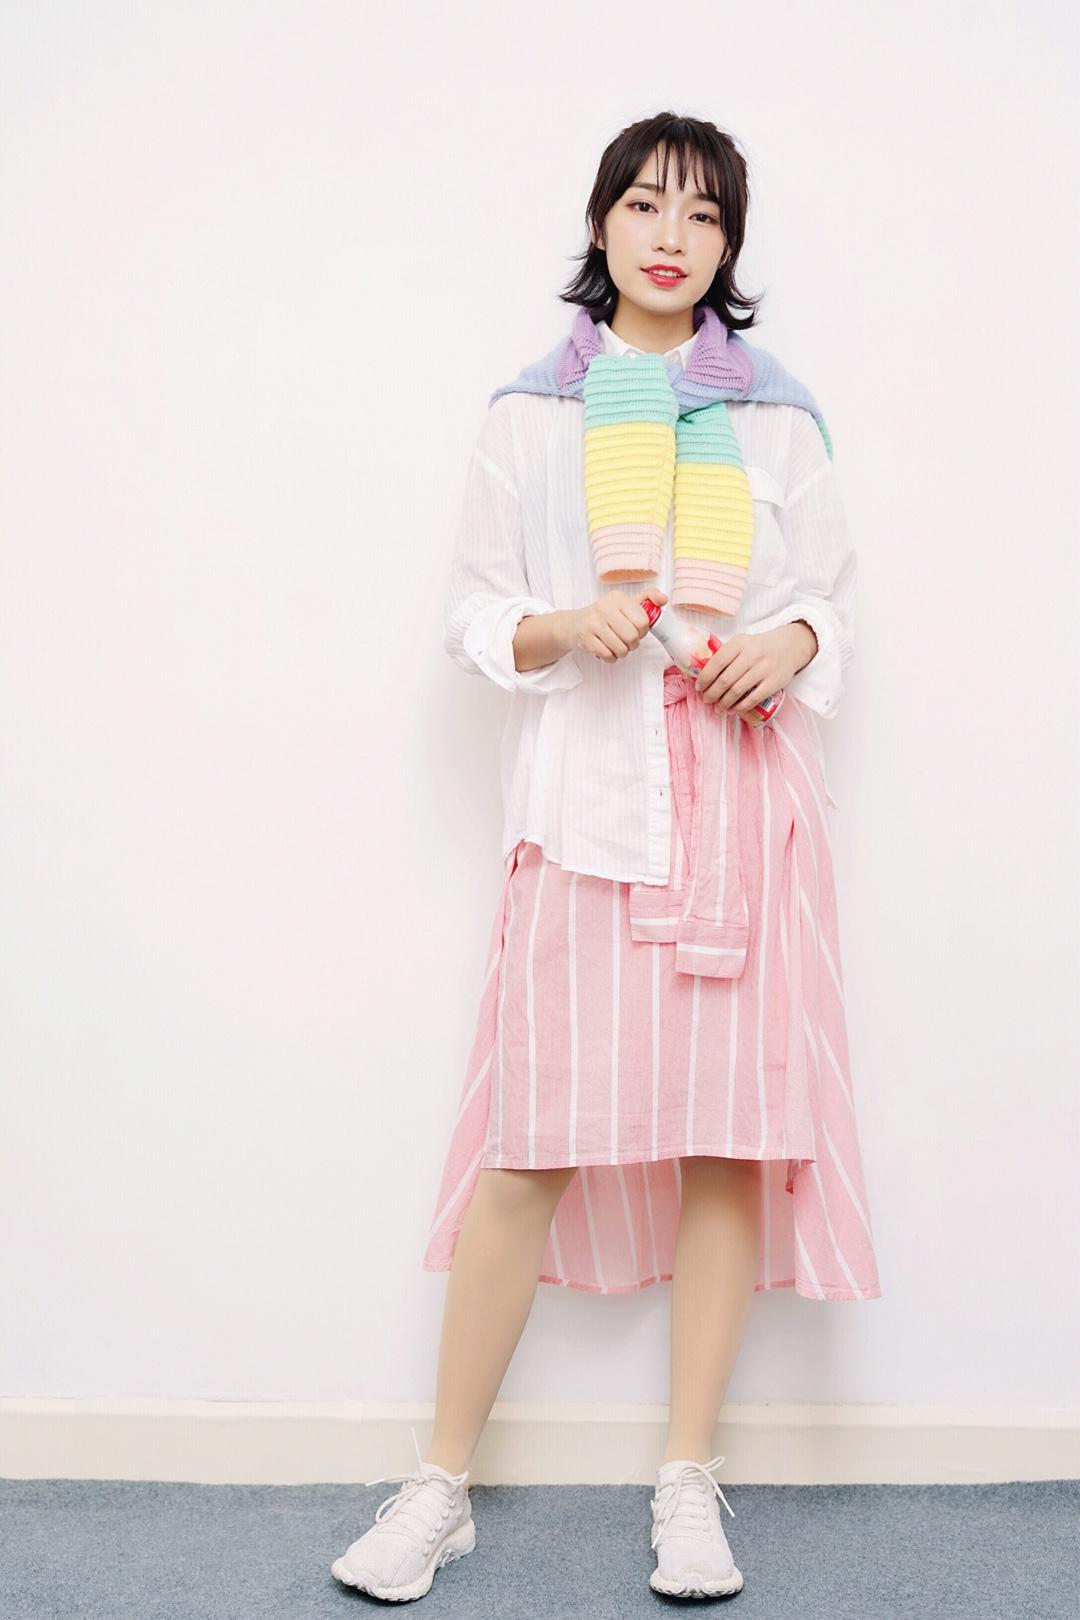 #马卡龙色,是春日限定的明媚呀~# 继续分享一套属于春天的治愈型穿搭,白色的白衬衫单调普通搭配彩虹🌈帽子披肩,突然一切不一样了,超级少女,又不会太甜腻,搭配粉色条纹绑带衬衫裙,整体更加活力活泼,走在校园里就像一到发光才小彩虹🌈,很治愈哦!